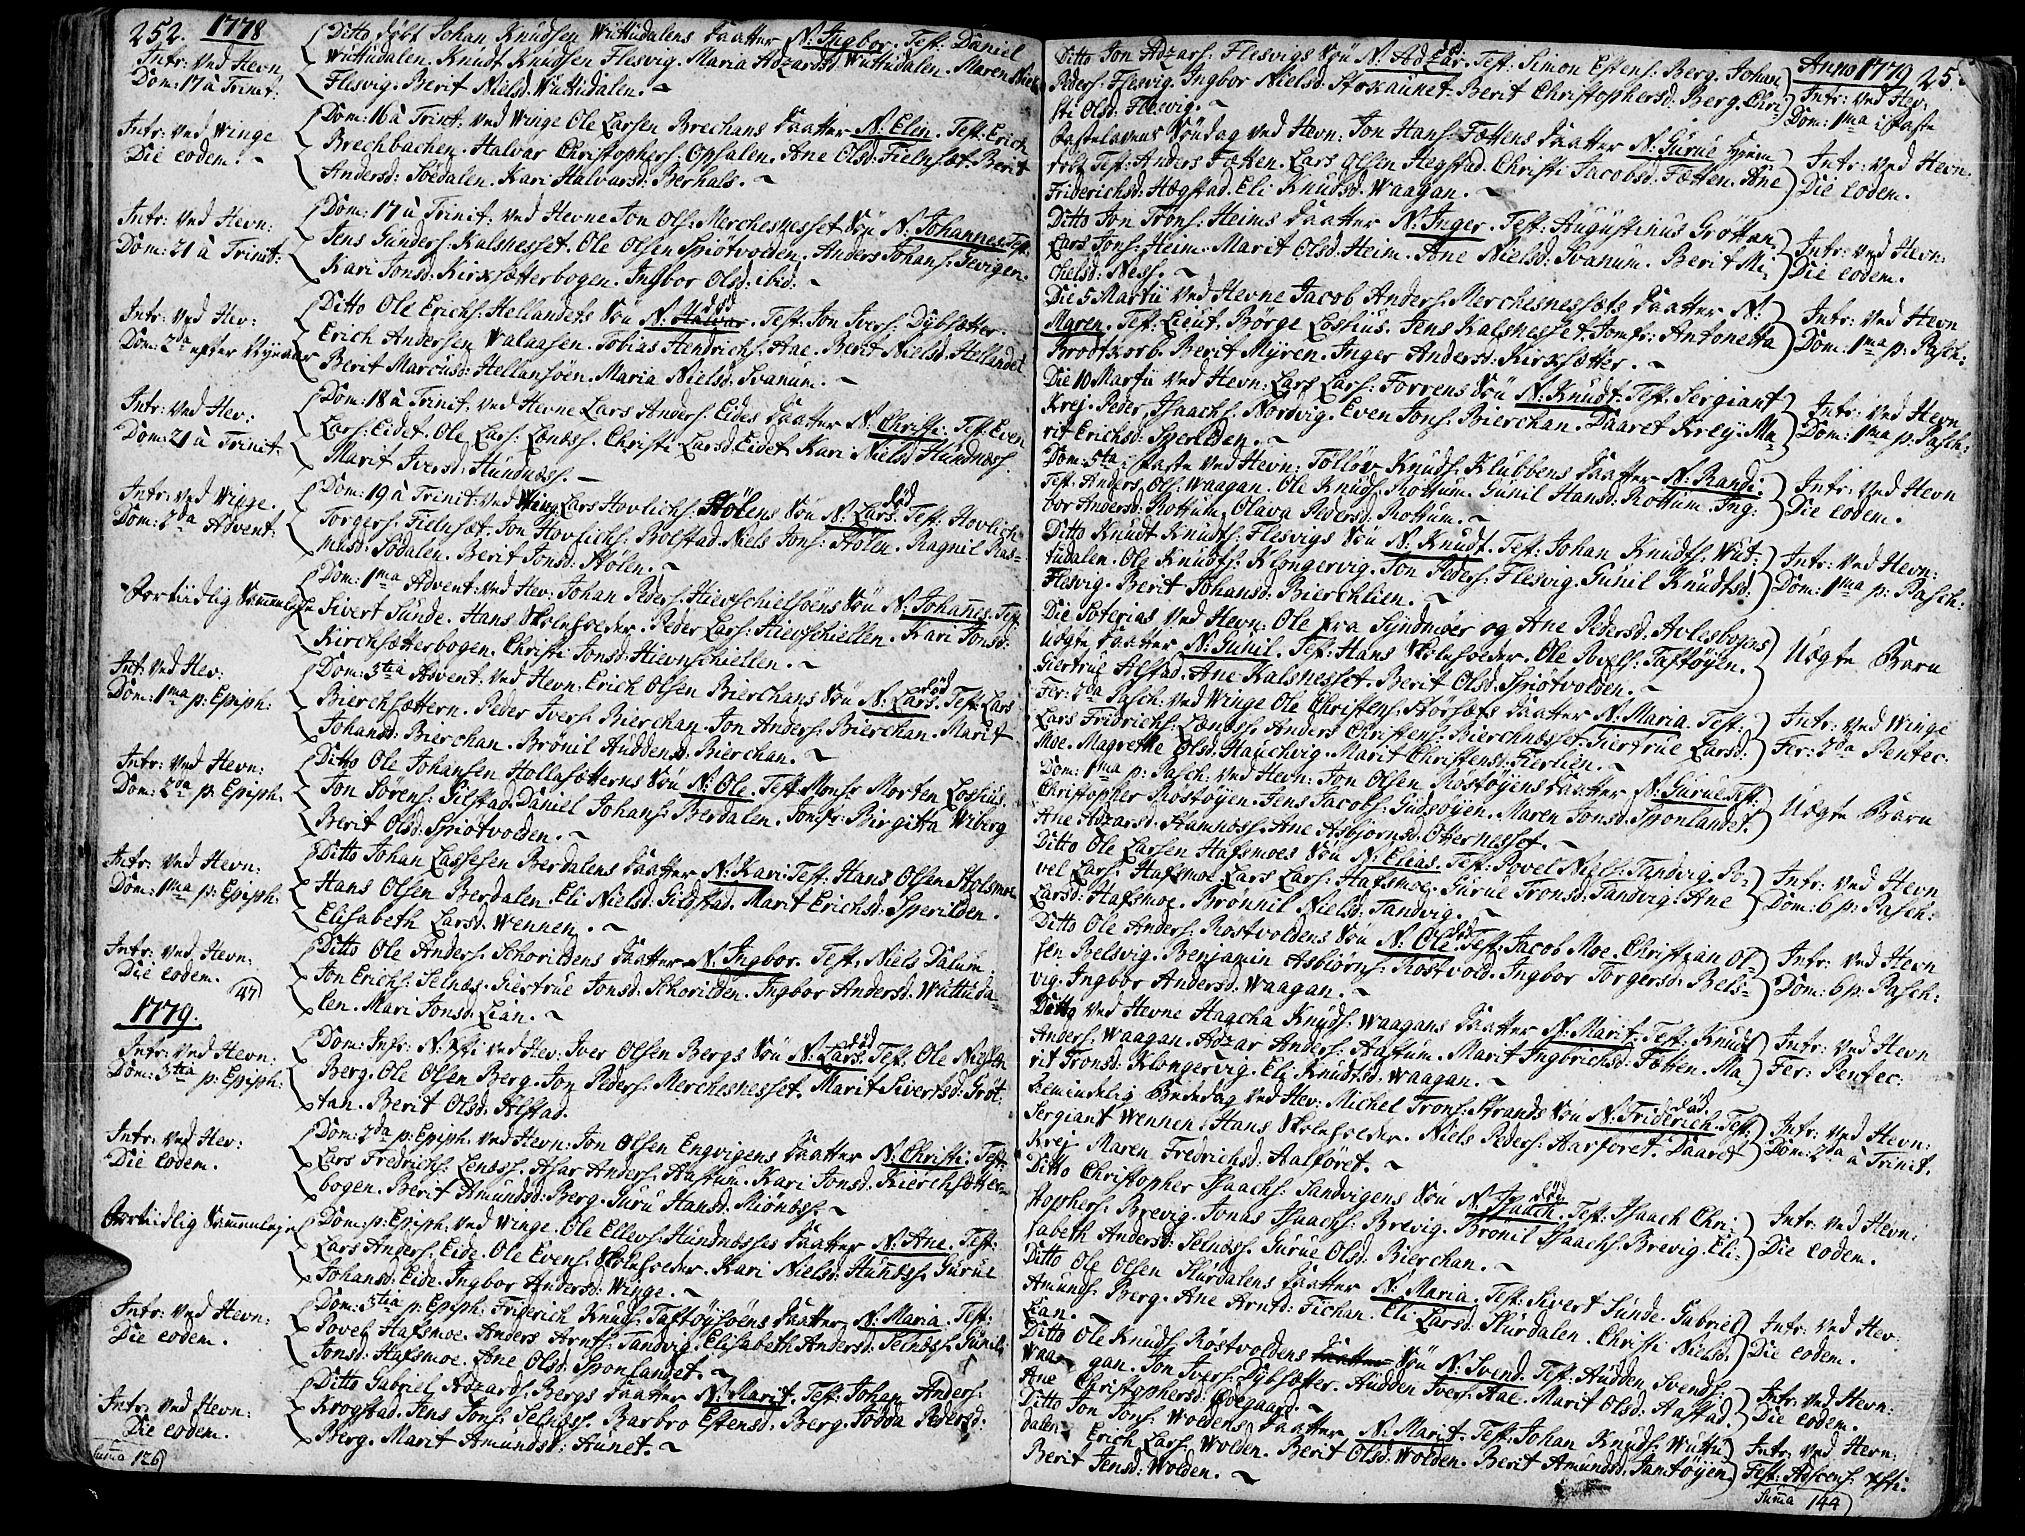 SAT, Ministerialprotokoller, klokkerbøker og fødselsregistre - Sør-Trøndelag, 630/L0489: Ministerialbok nr. 630A02, 1757-1794, s. 252-253